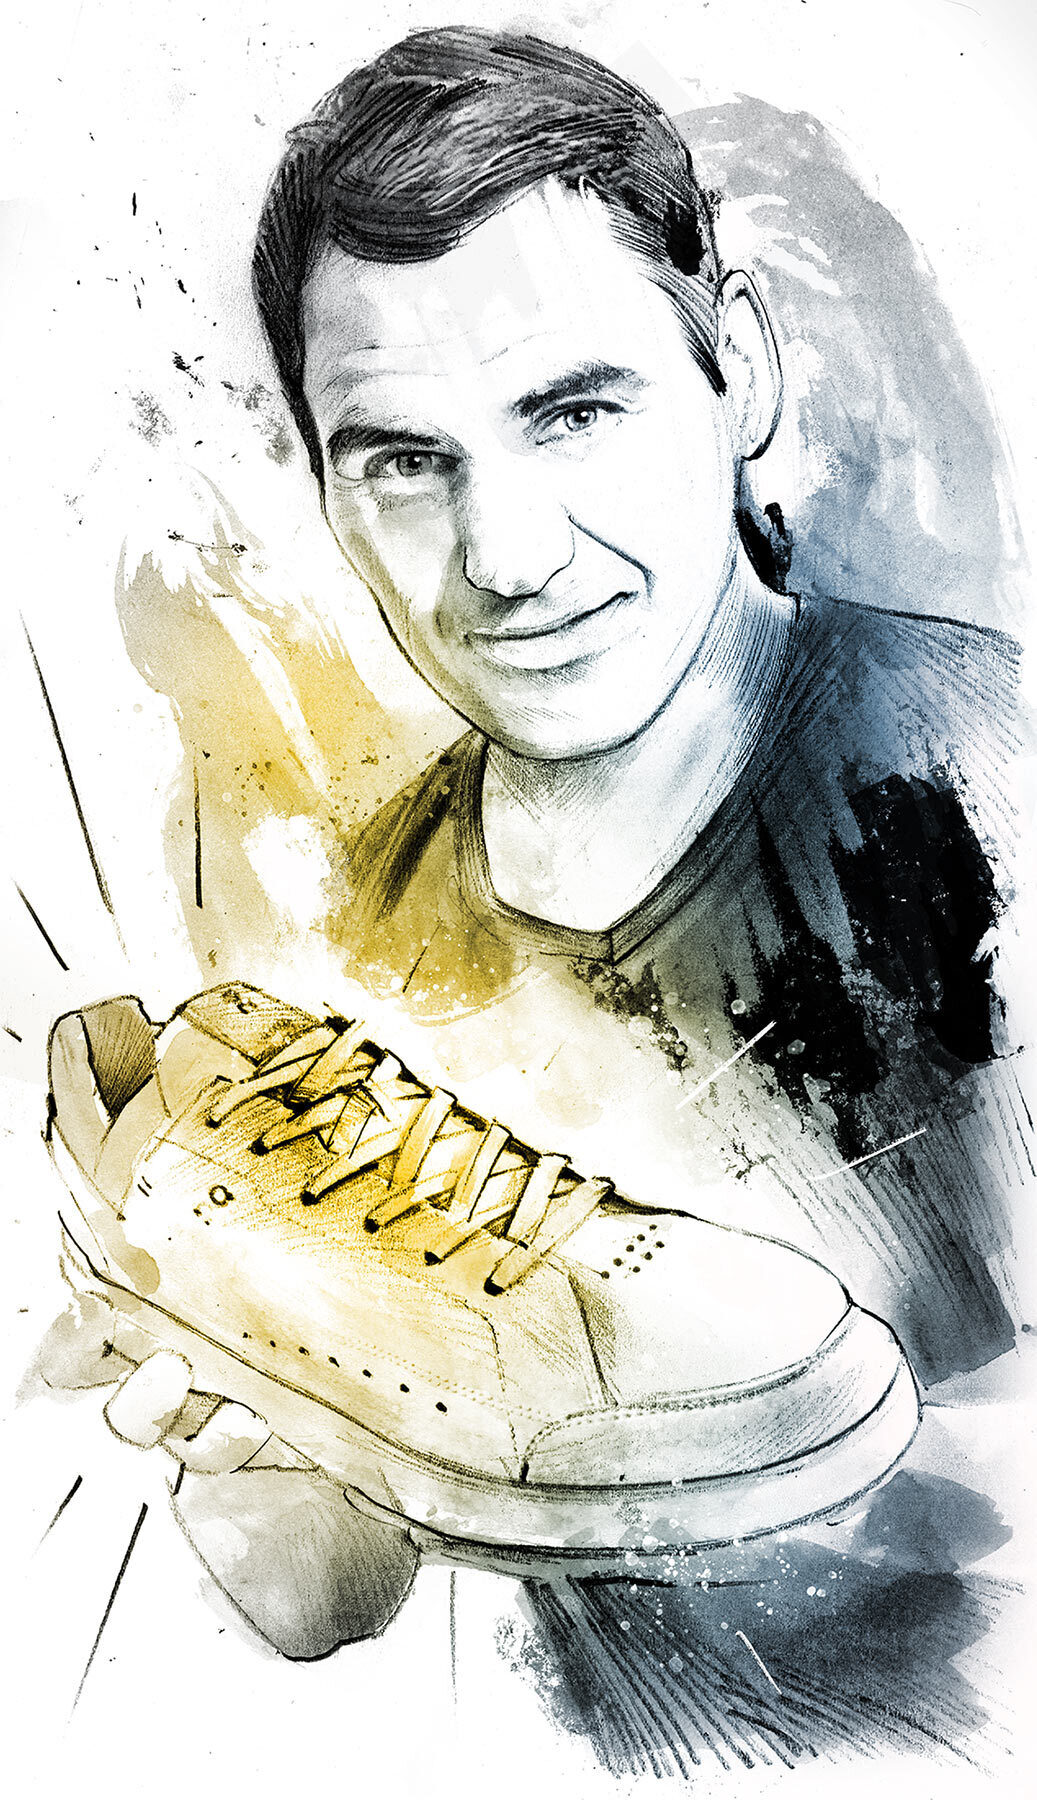 Roger Federer sneaker the roger portrait illustration - Kornel Illustration | Kornel Stadler portfolio